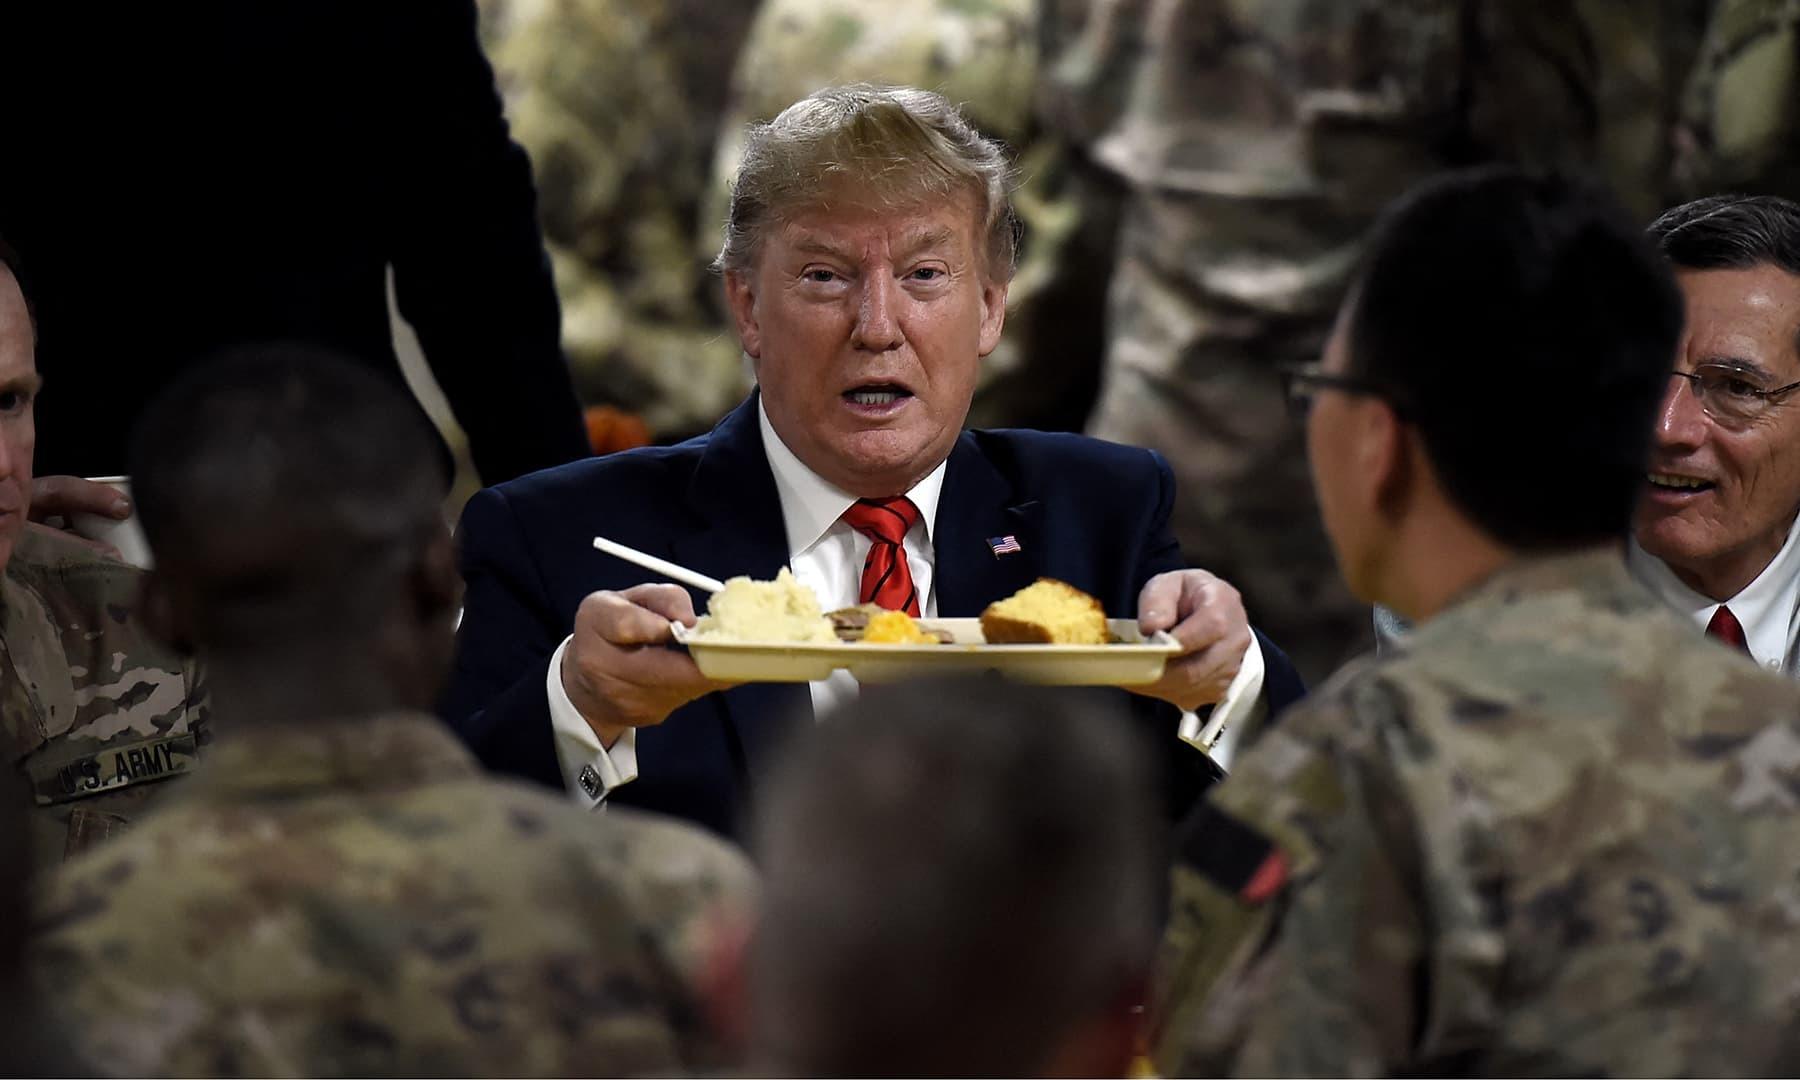 امریکا کے سابق صدر ڈونلڈ ٹرمپ نے 29 نومبر 2018 کو افغانستان میں بگرام ایئربیس کا دورہ کیا—فائل/فوٹو: اے ایف پی